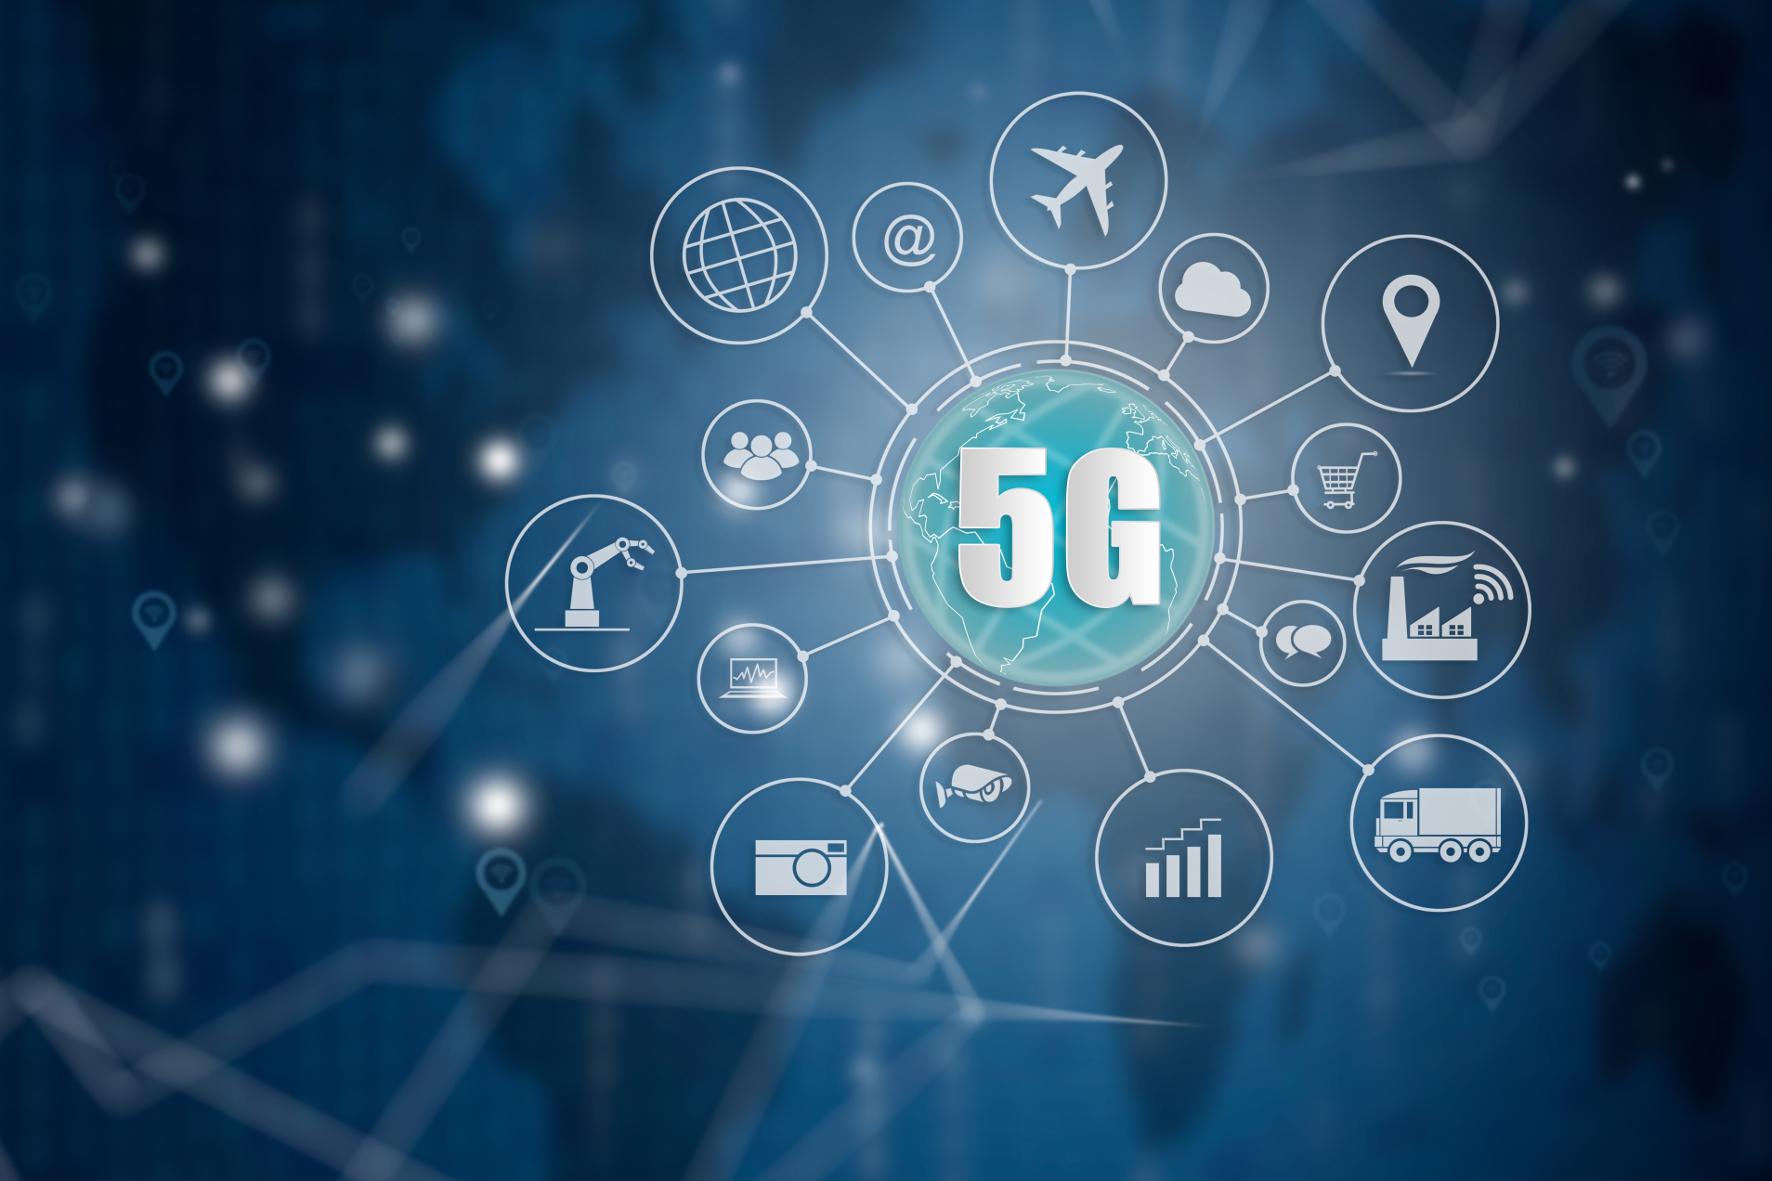 mid Groß-Gerau - Automobilhersteller Mercedes errichtet zusammen mit dem Telekommunikations-Unternehmen Telefonica Deutschland und dem Netzwerkausrüster Ericsson das weltweit erste 5G-Mobilfunknetz für die Automobilproduktion. Daimler